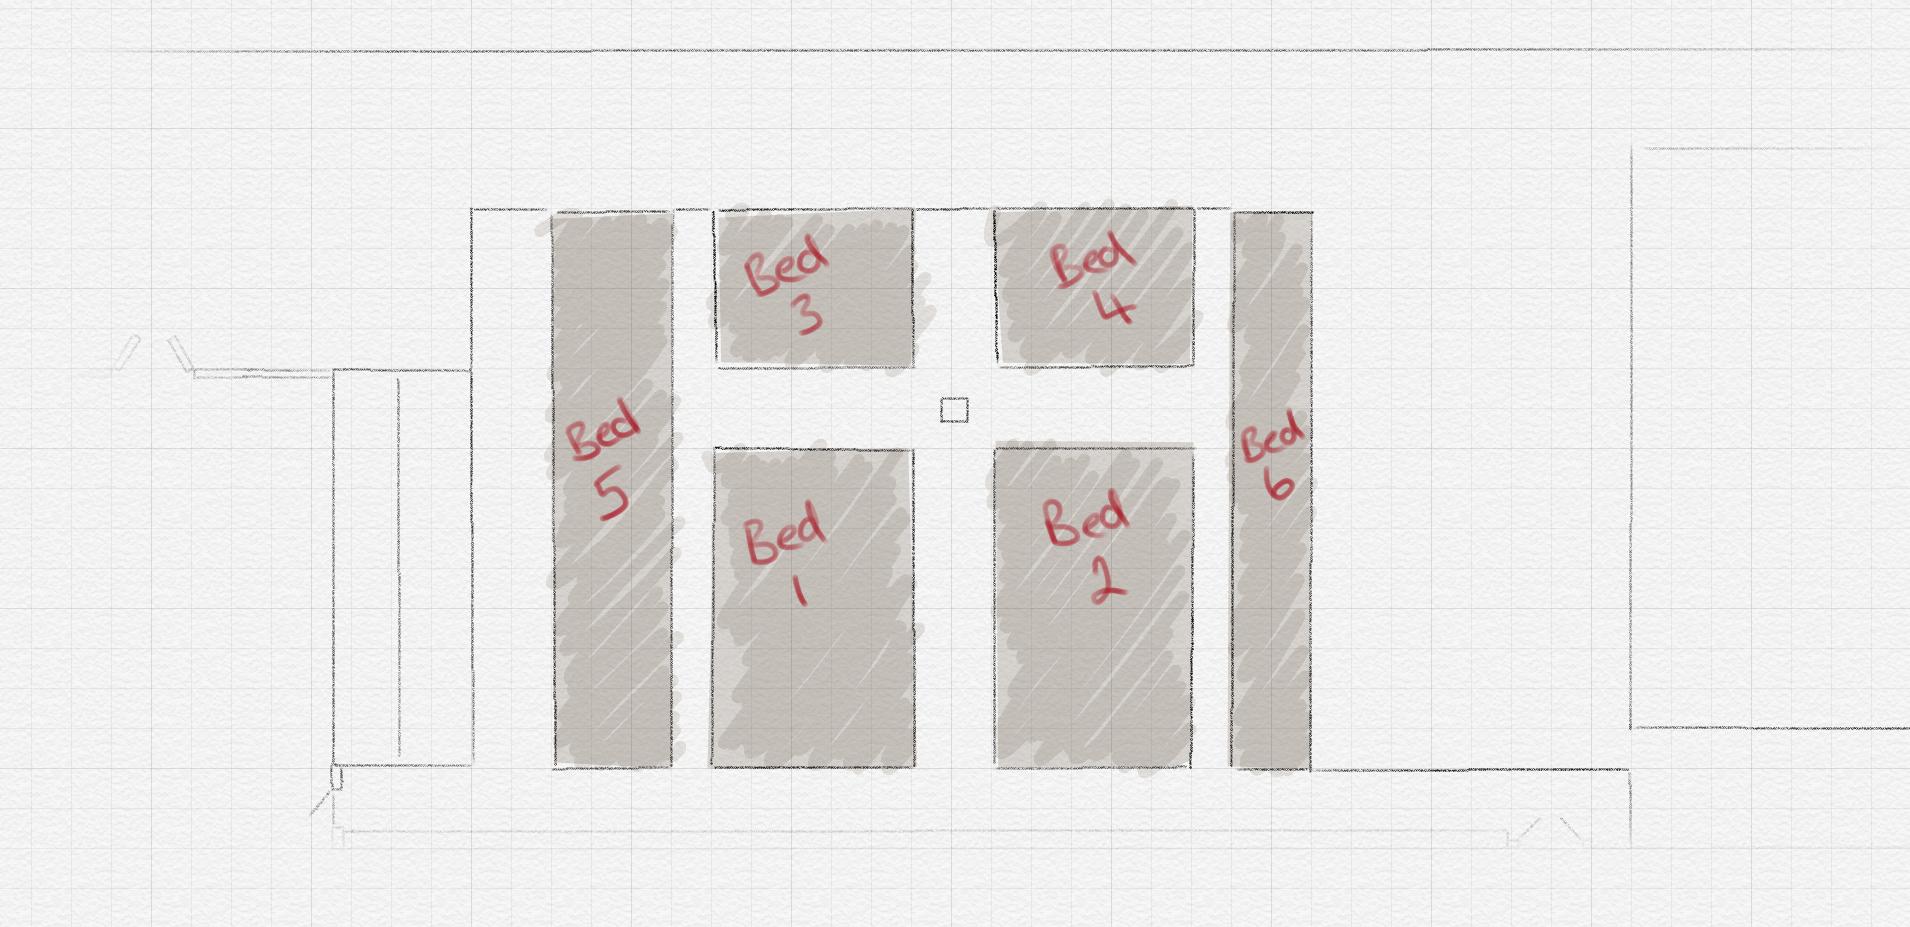 1 square = 1 m²